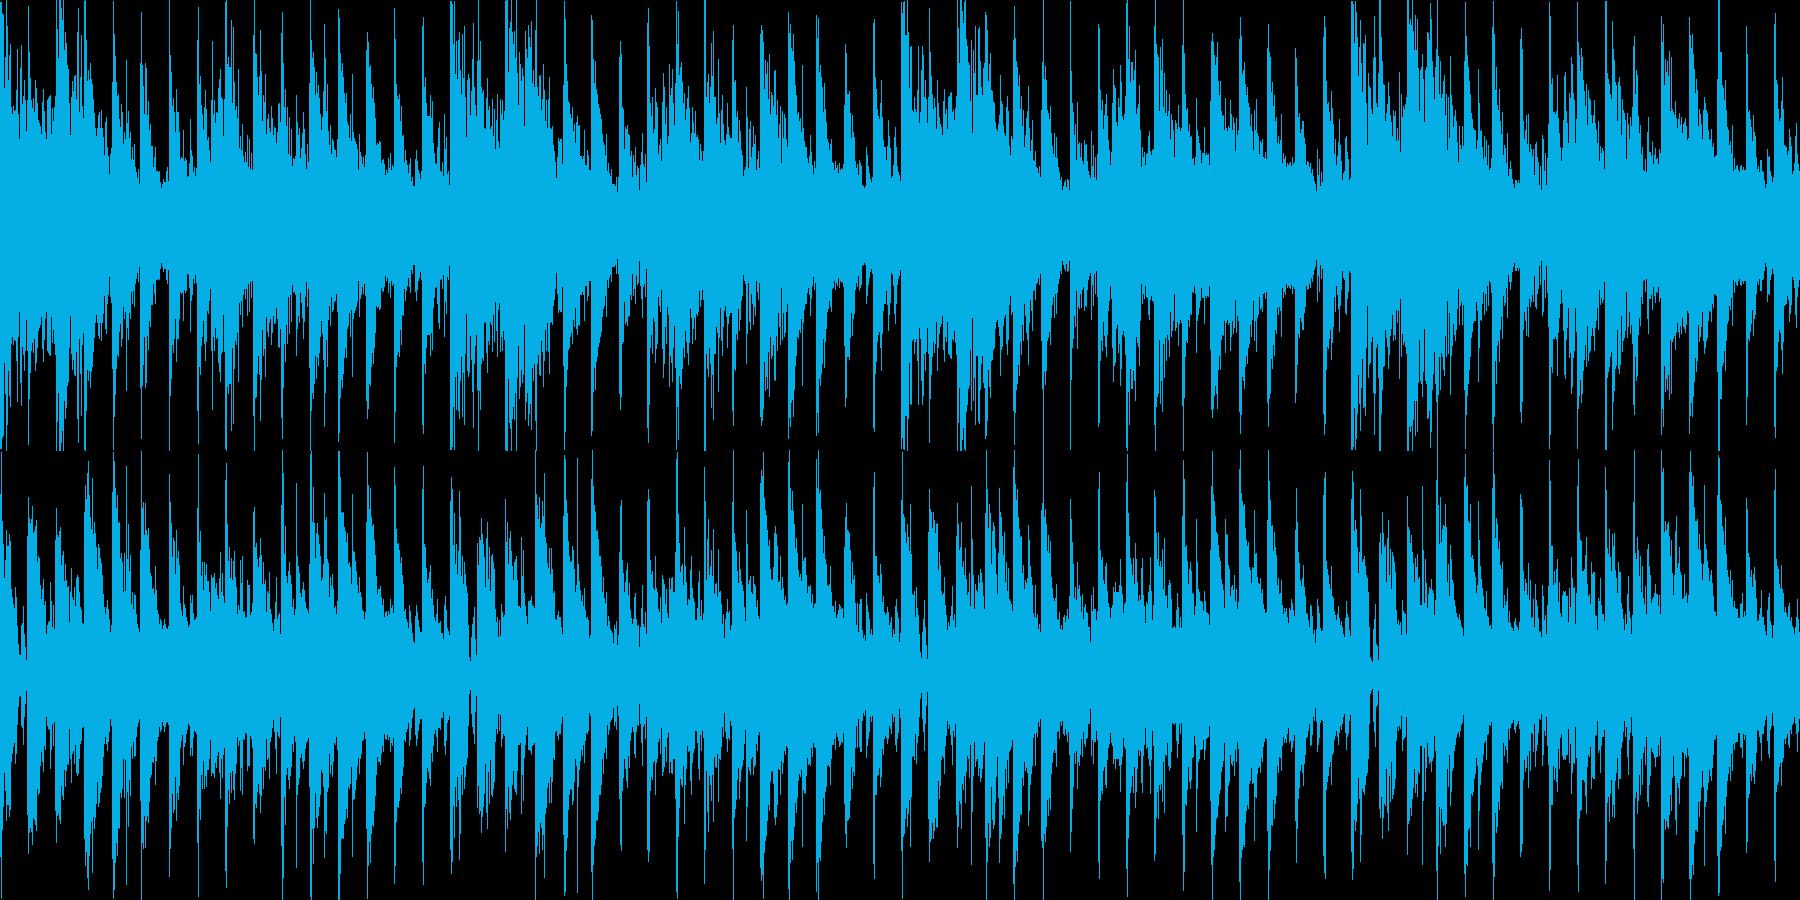 疾走感浮遊感のある宇宙的なEDM系ループの再生済みの波形